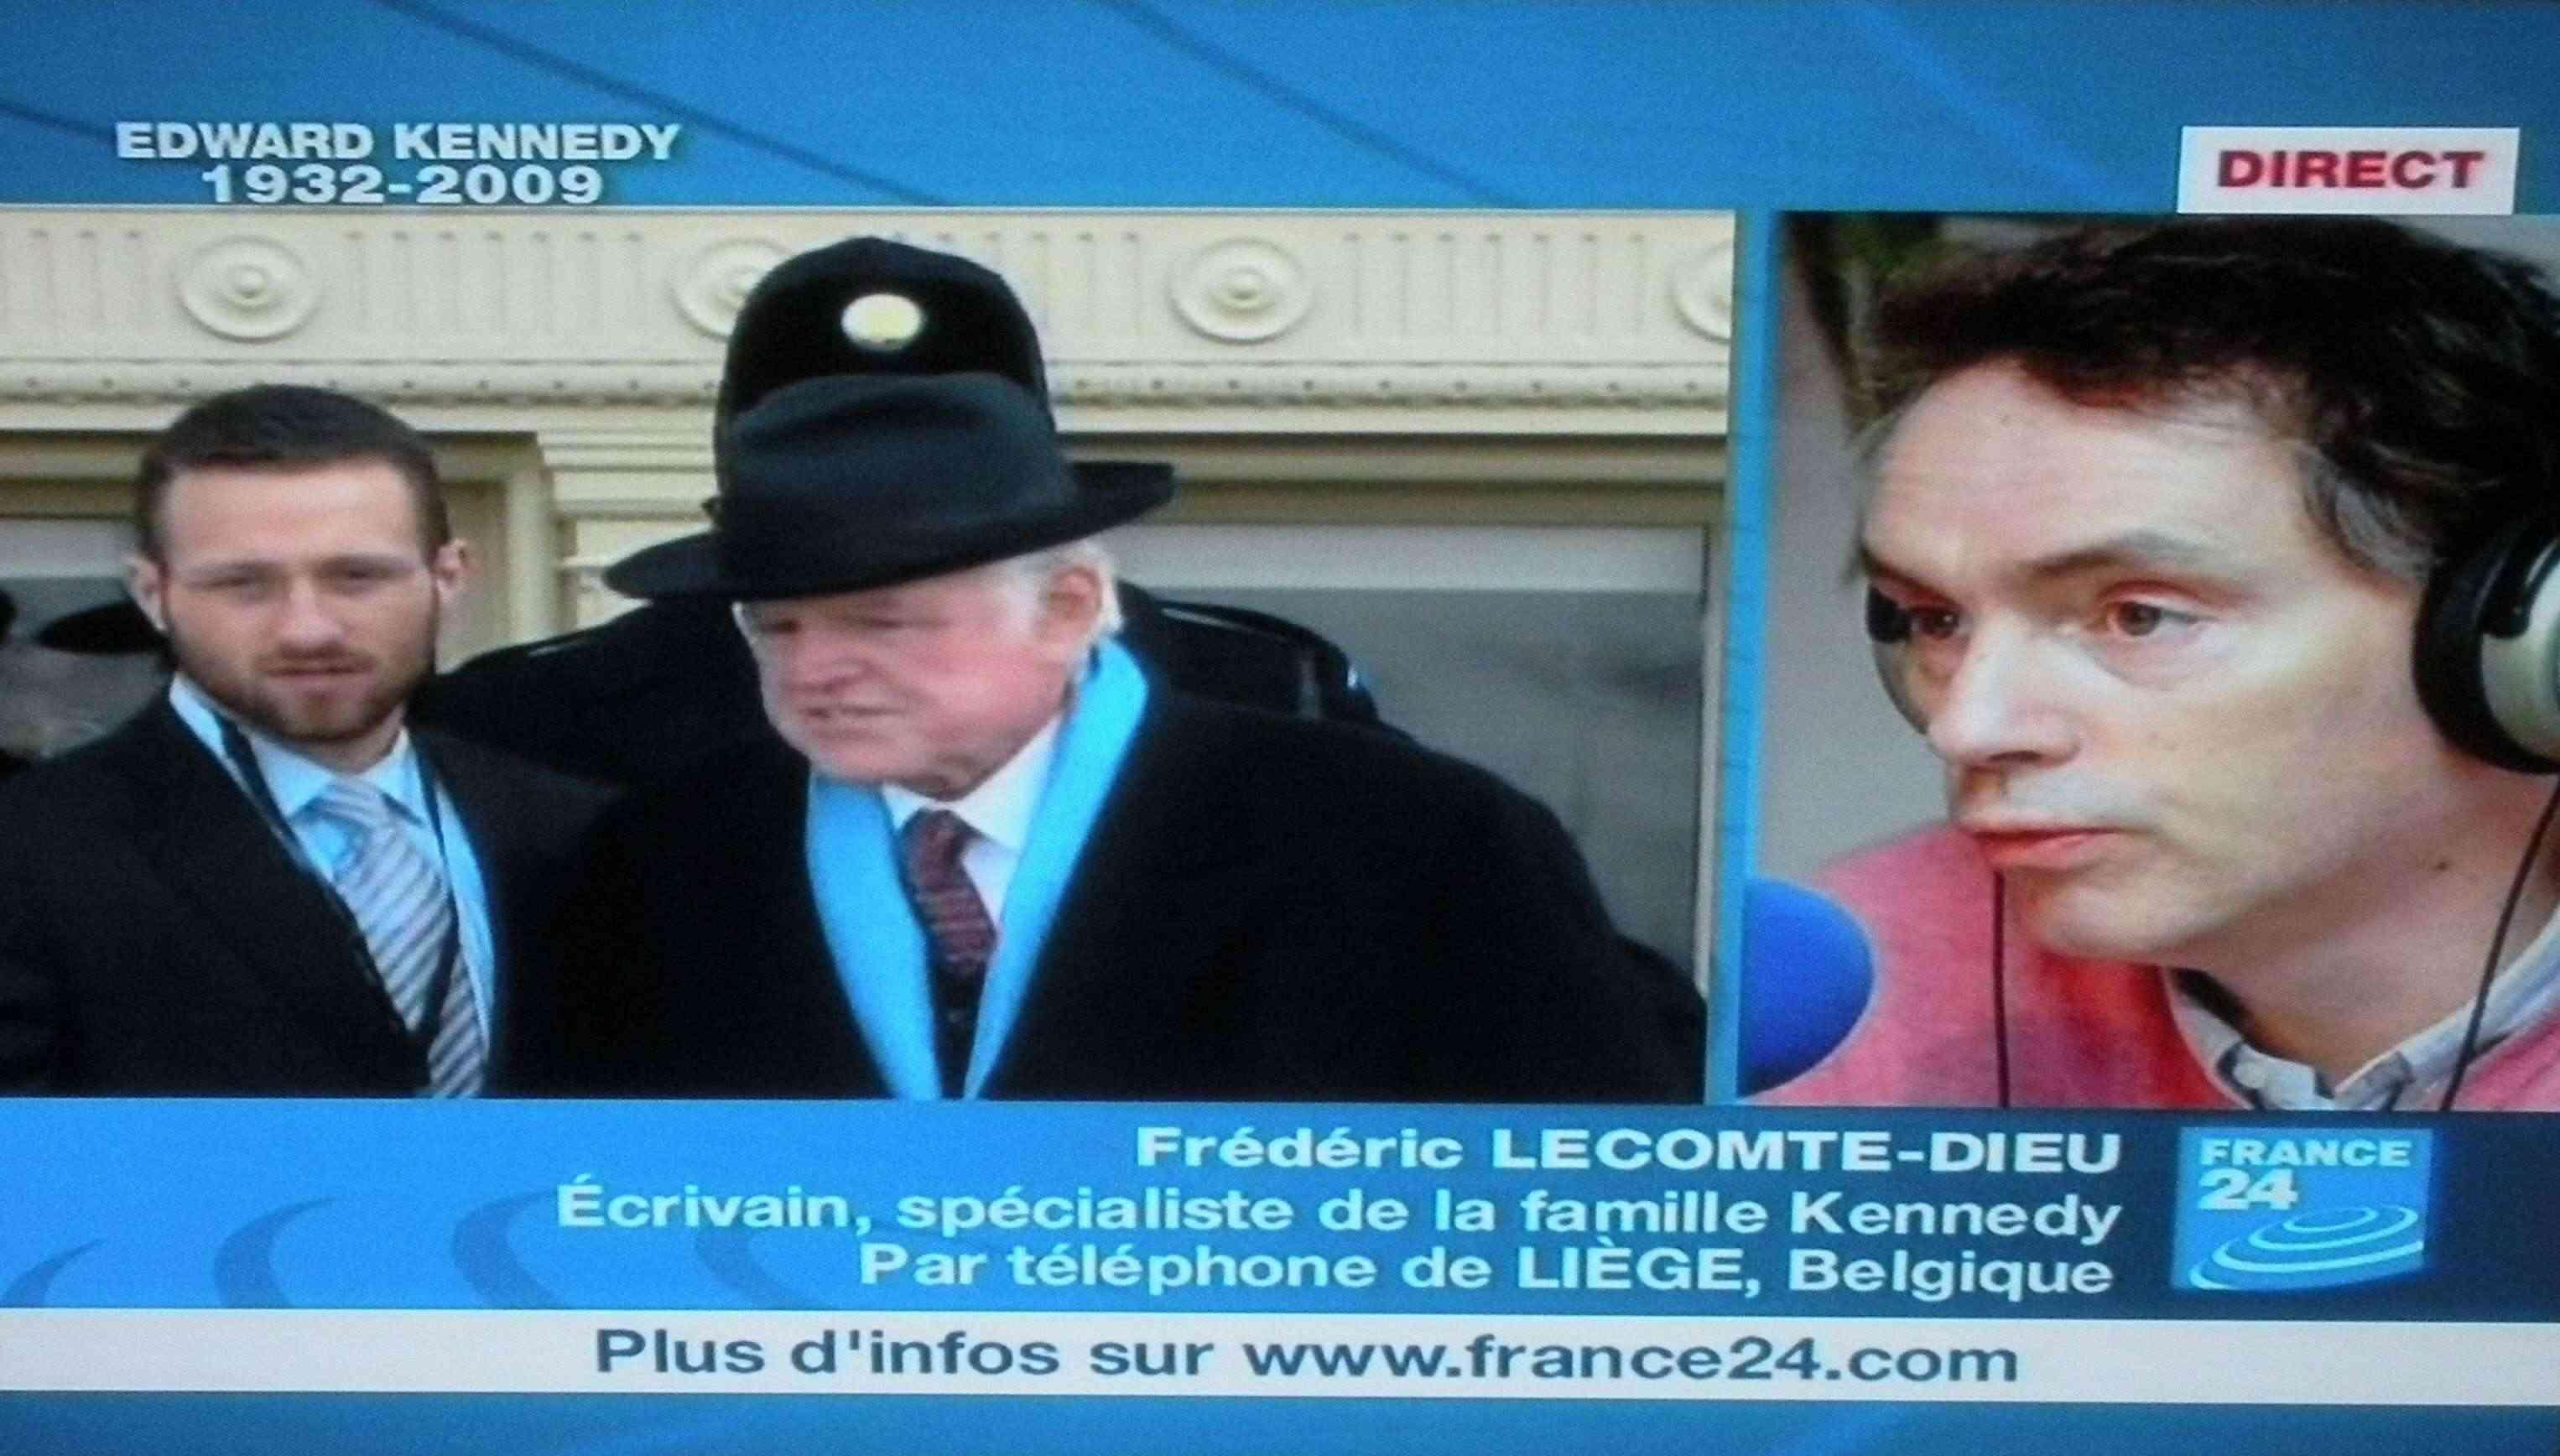 Frédéric Lecomte-Dieu en direct sur la chaîne française France 24 à l'occasion du décès du Sénateur Ted Kennedy (29.08.2009)